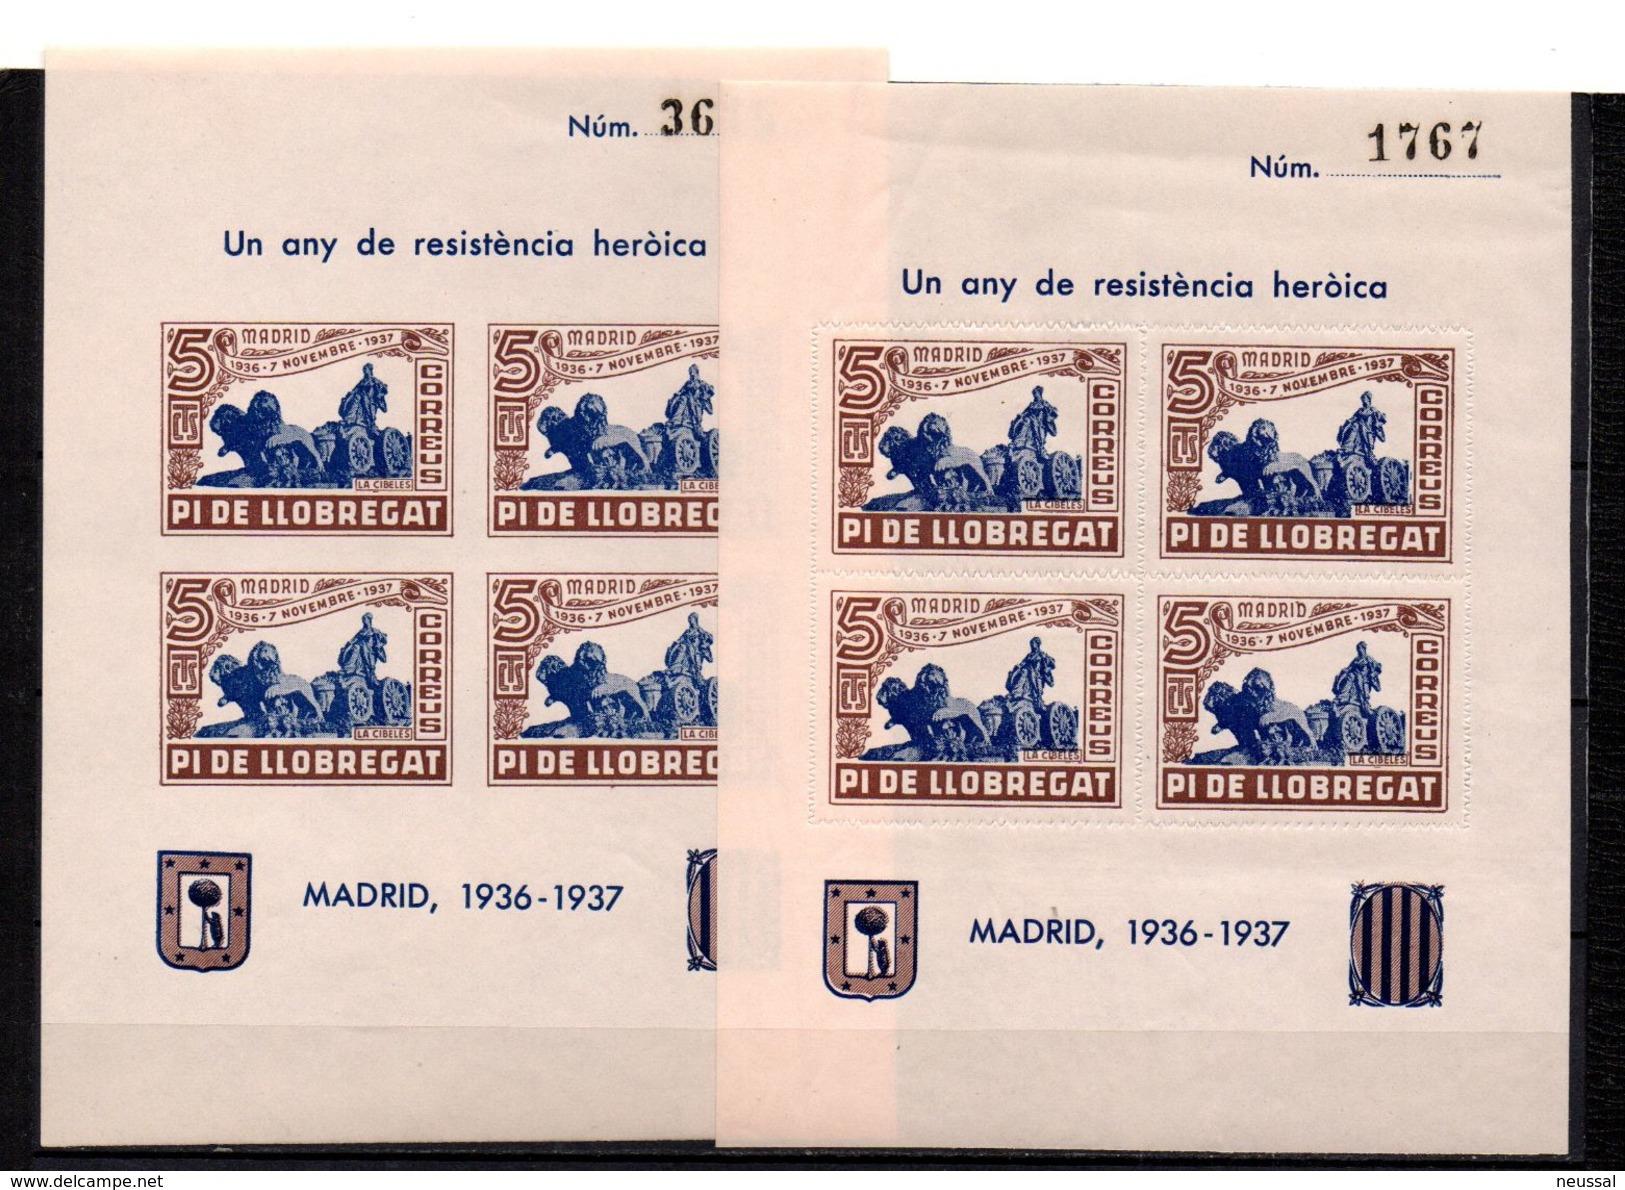 2Hb-viñetas La Cibeles  Dentado Y  Sin Dentar  Pi De Llobregat. Marron Y Azul. - Vignettes De La Guerre Civile